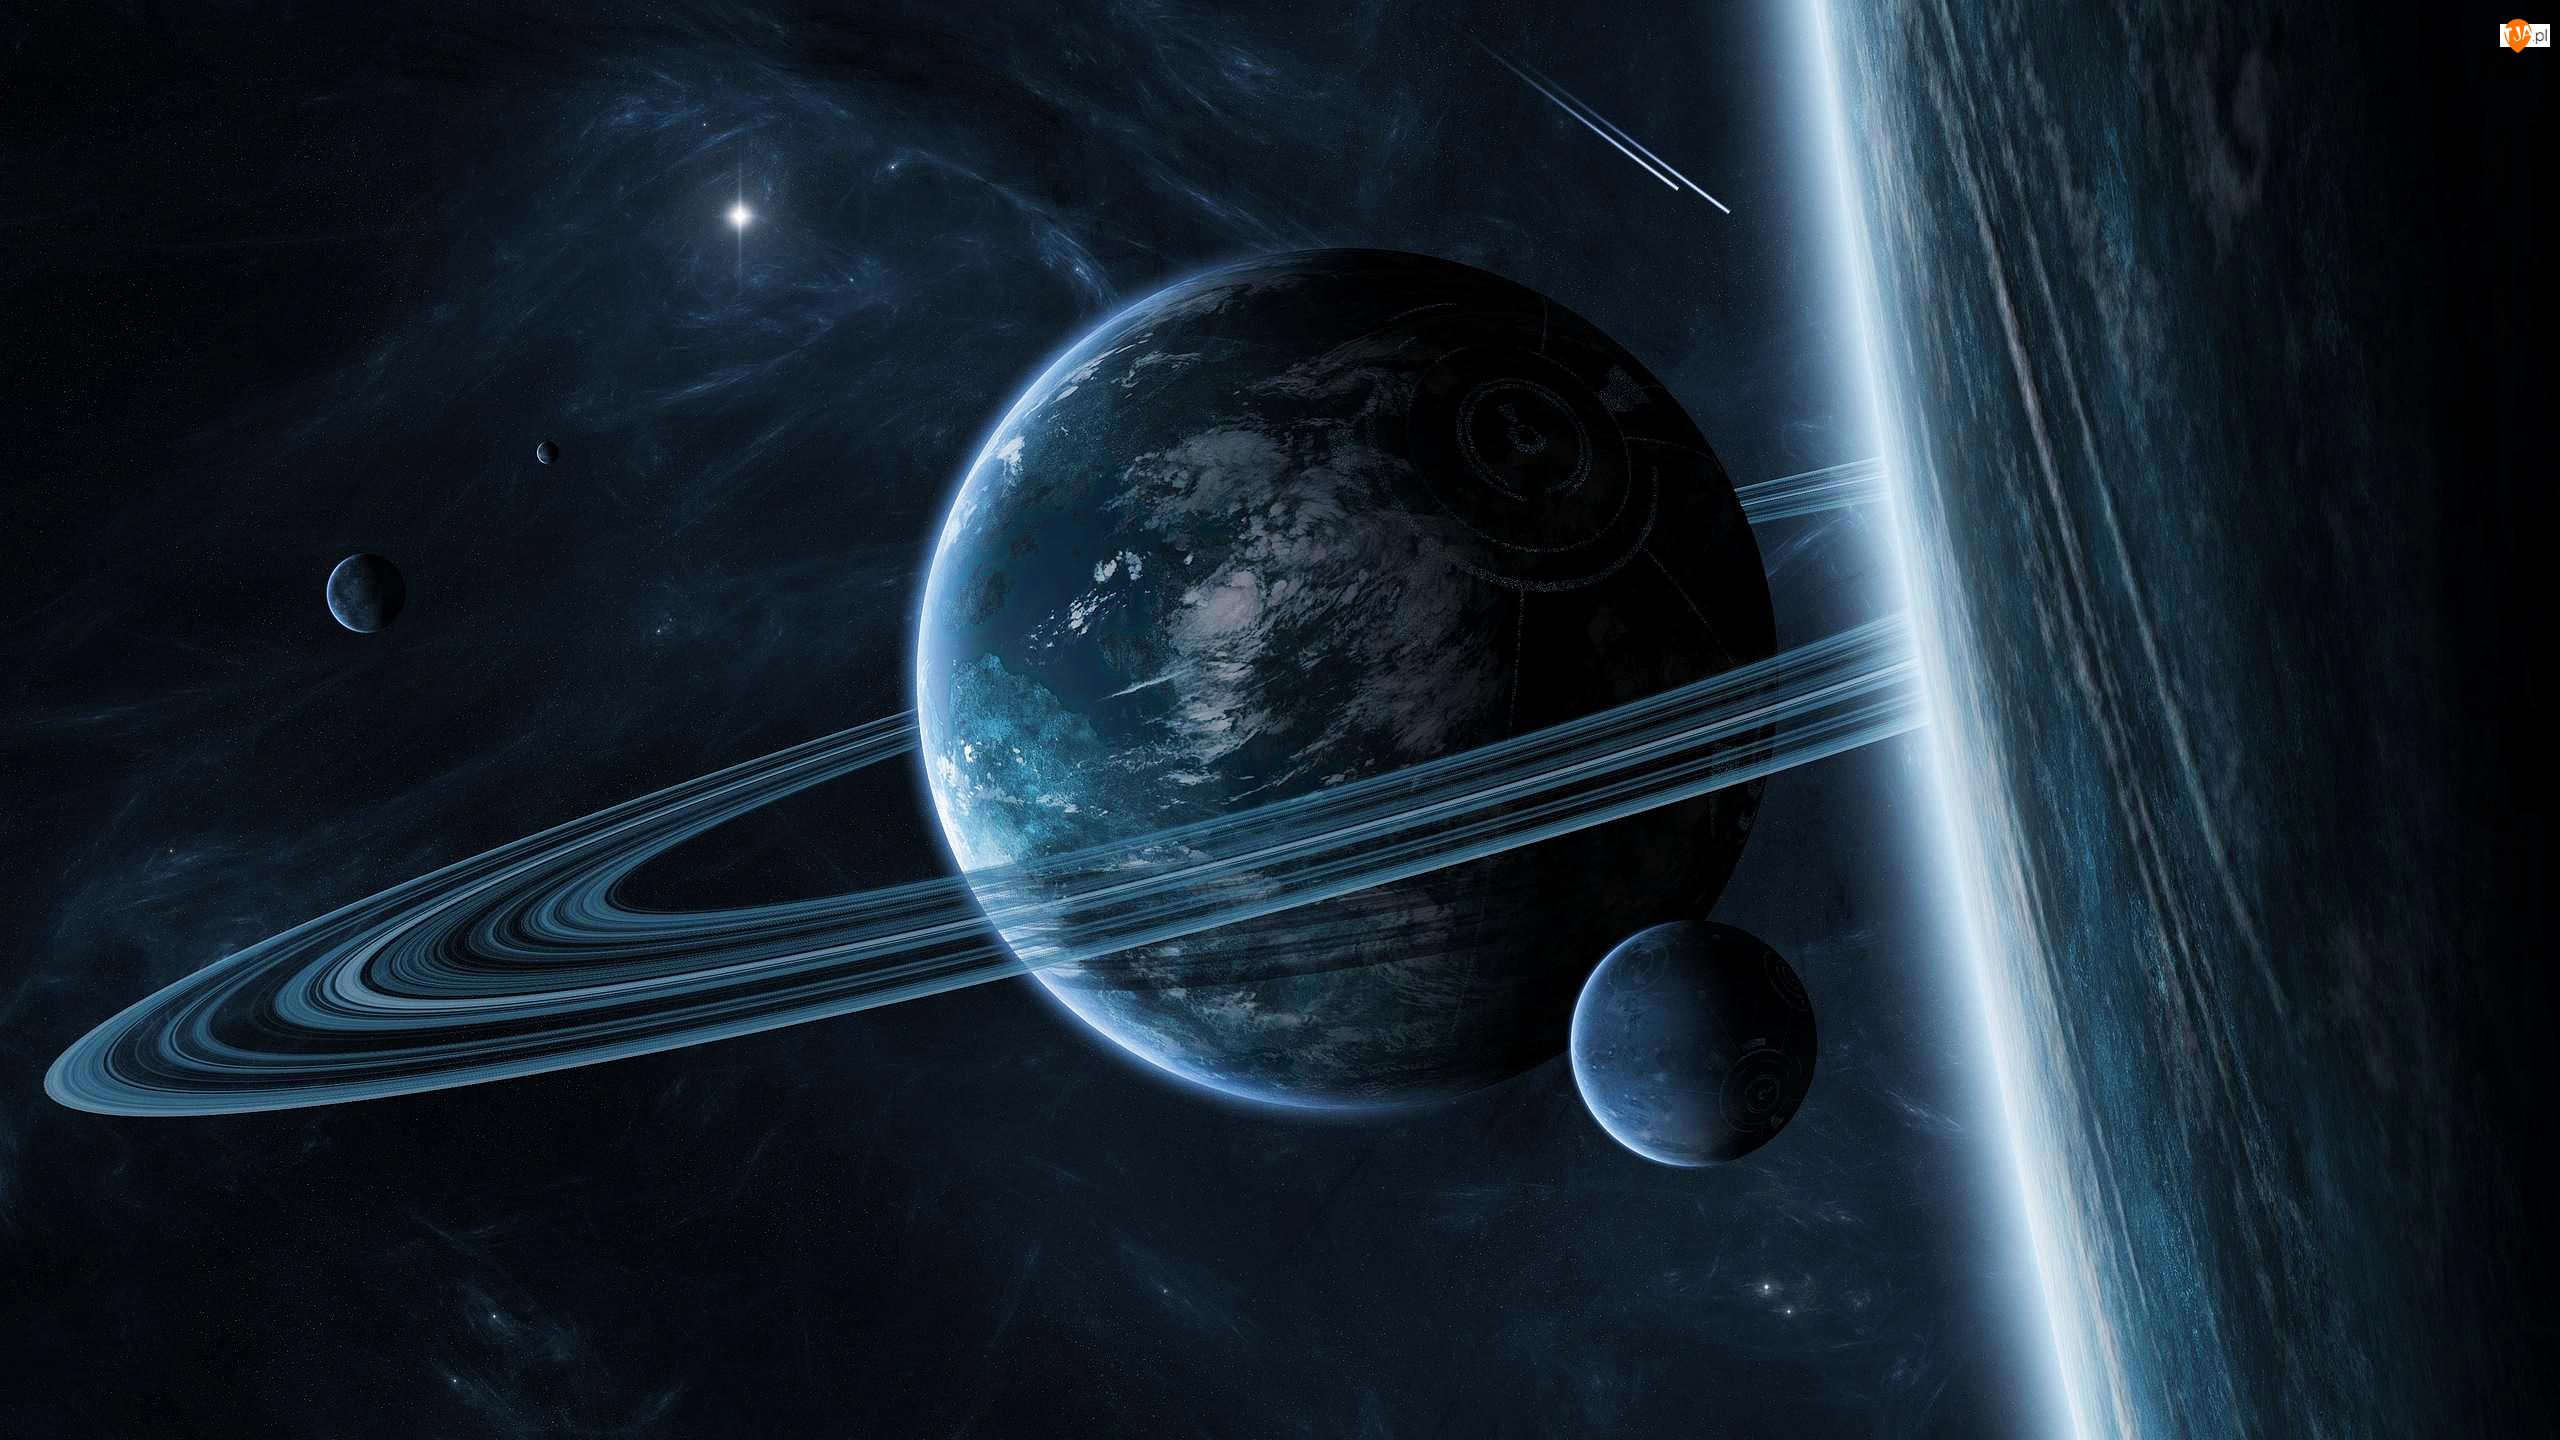 Gwiazdy, Planety, Pierścienie, Kosmos